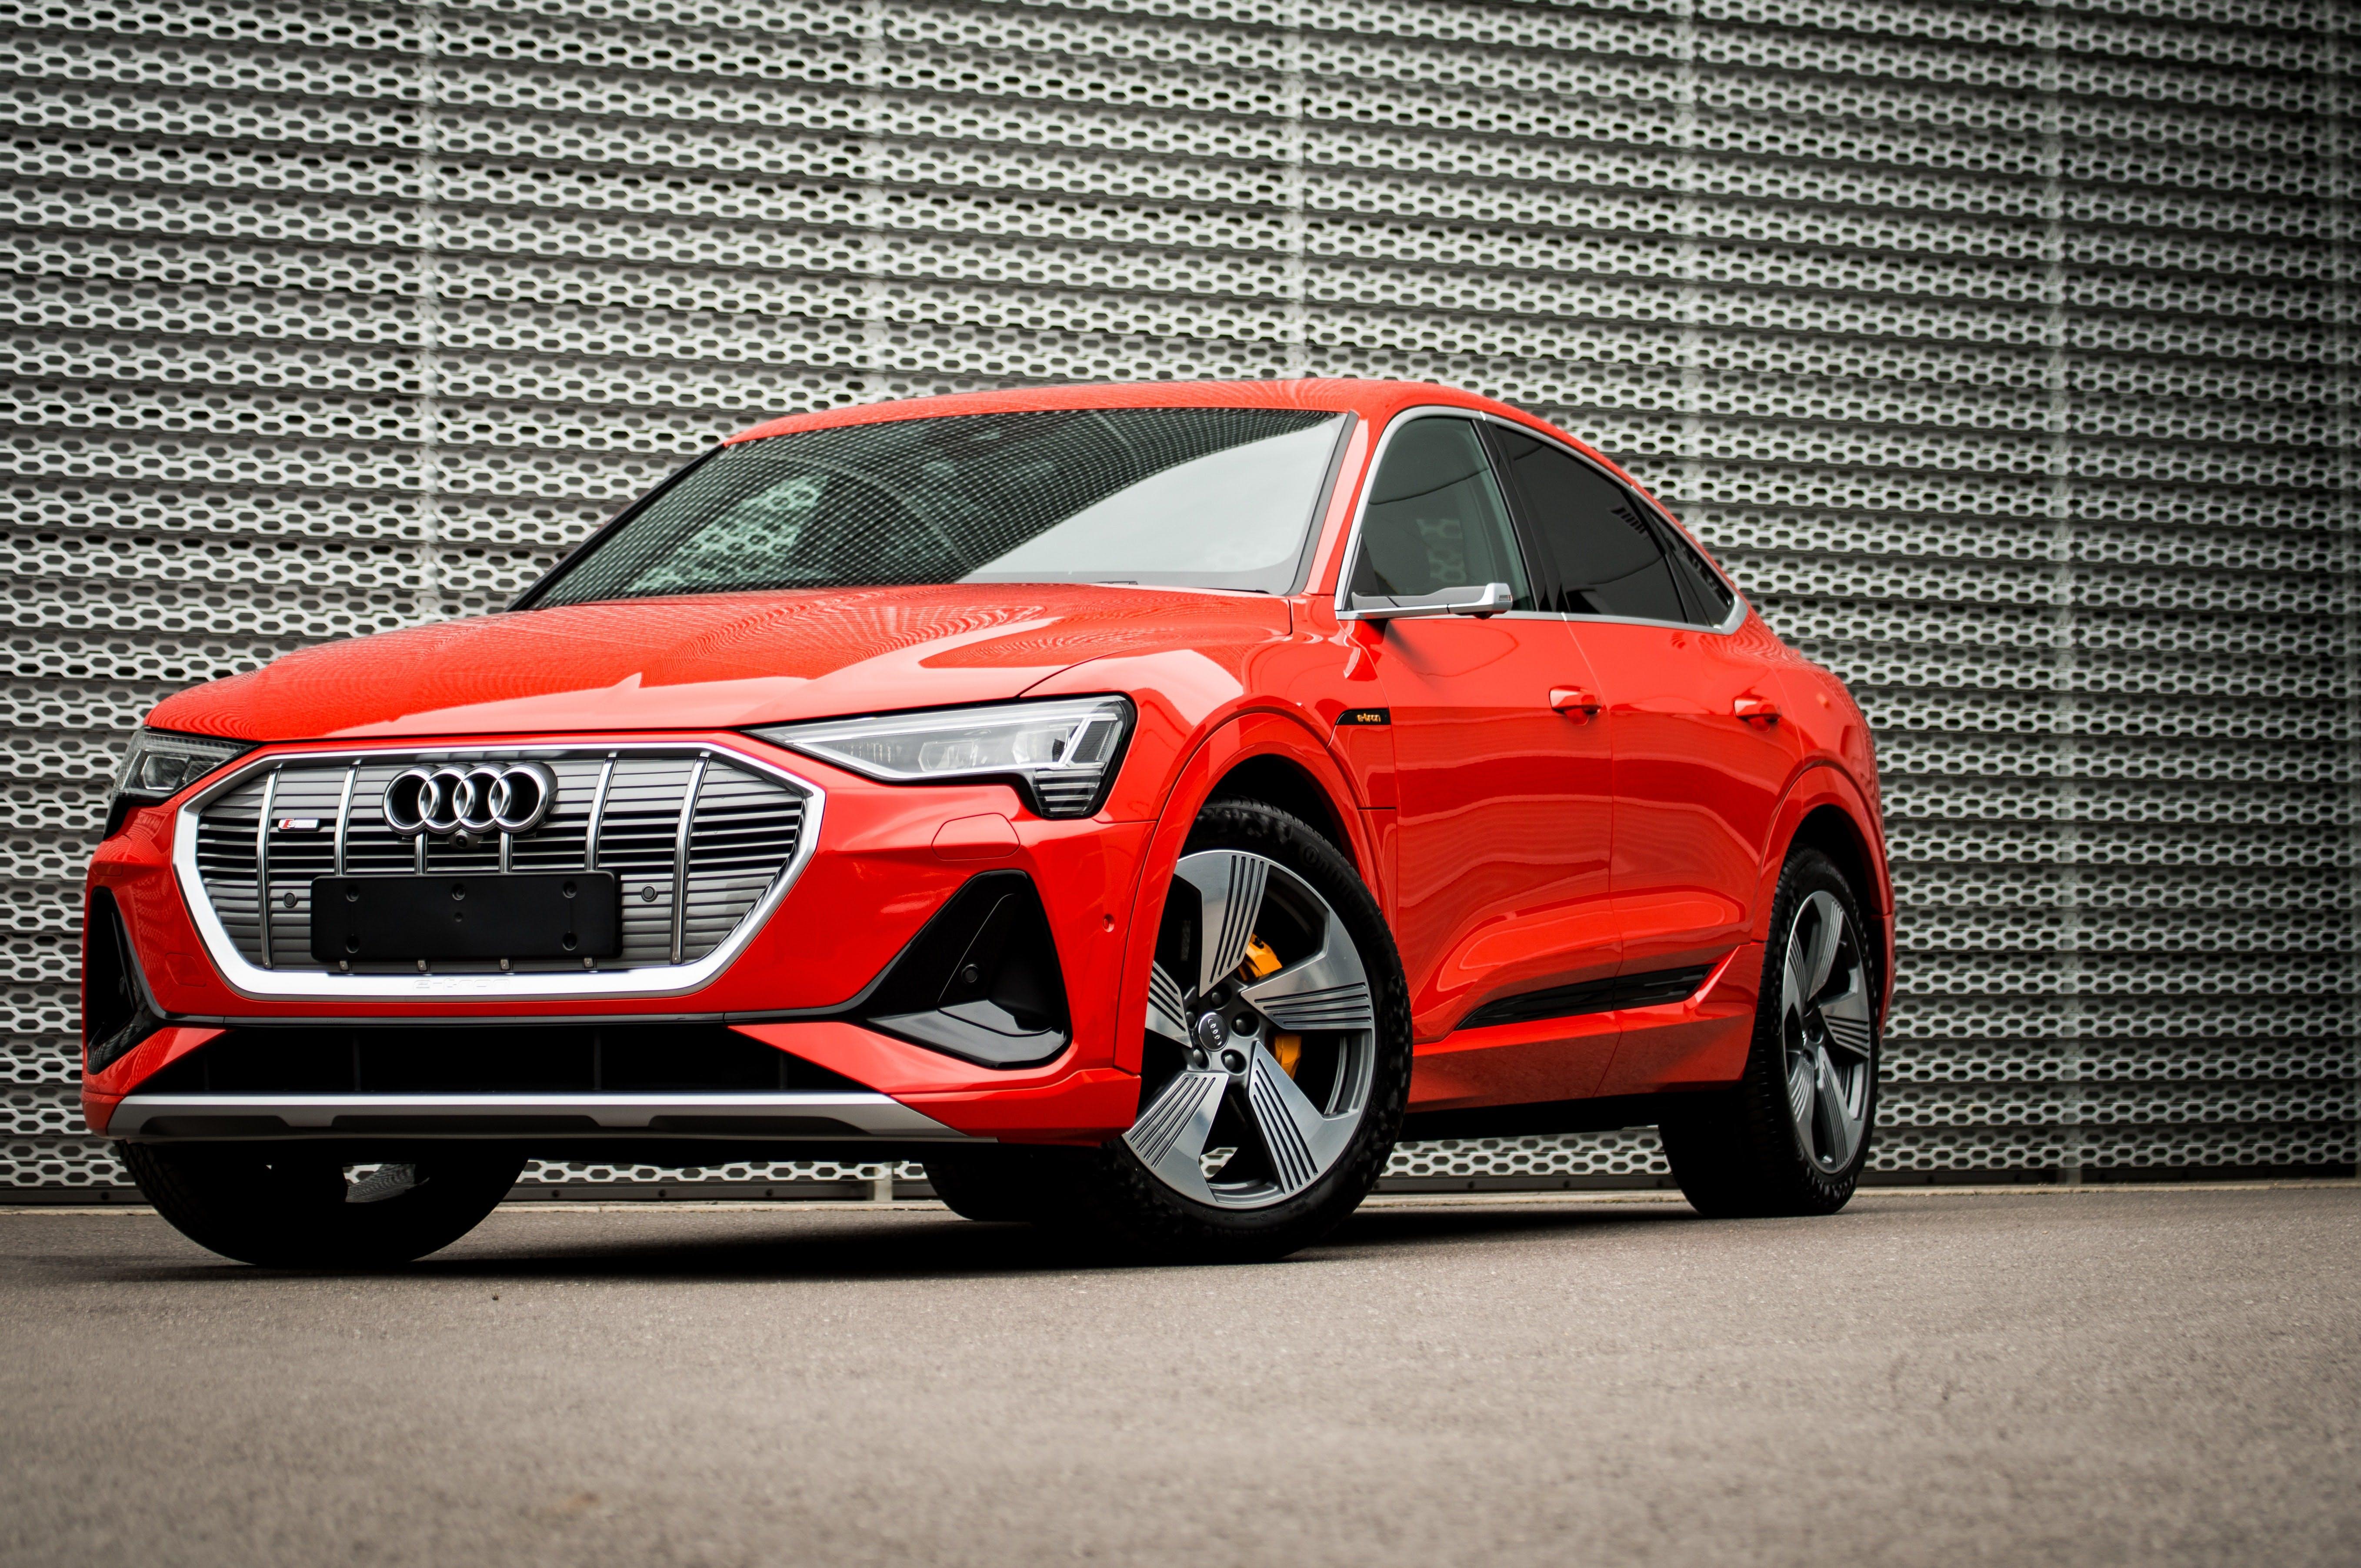 Audi e tron, elektrische wagen